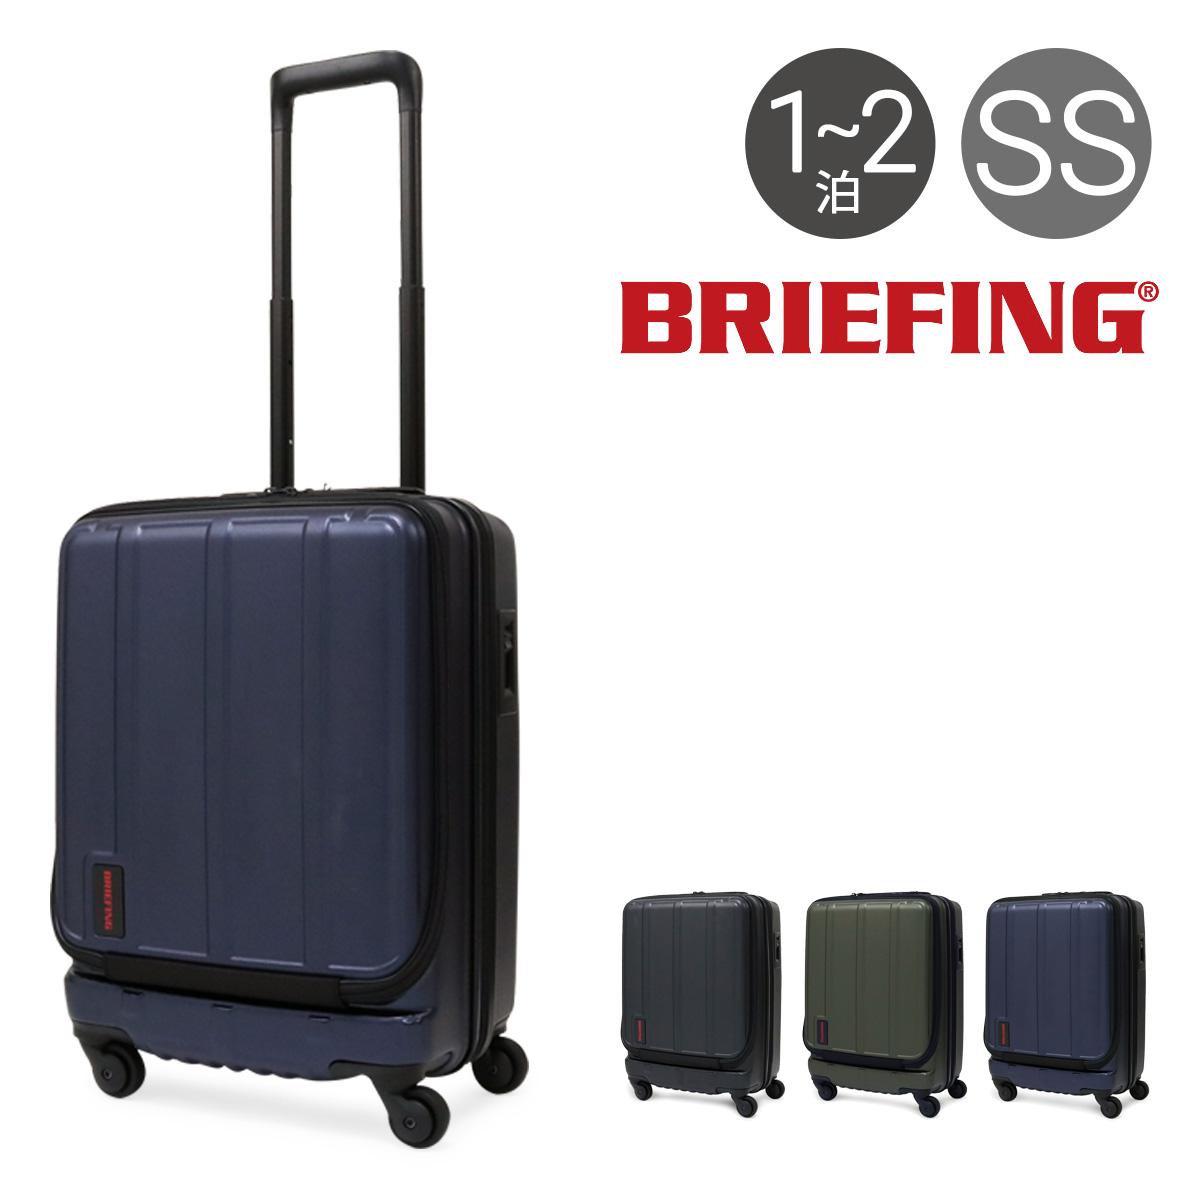 ブリーフィング スーツケース HARD CASE BRF524219 BRIEFING H-34 F ハードケース ジッパー キャリーケース 旅行 トラベル ビジネス ポリカーボネート メンズ[bef][即日発送][PO10]